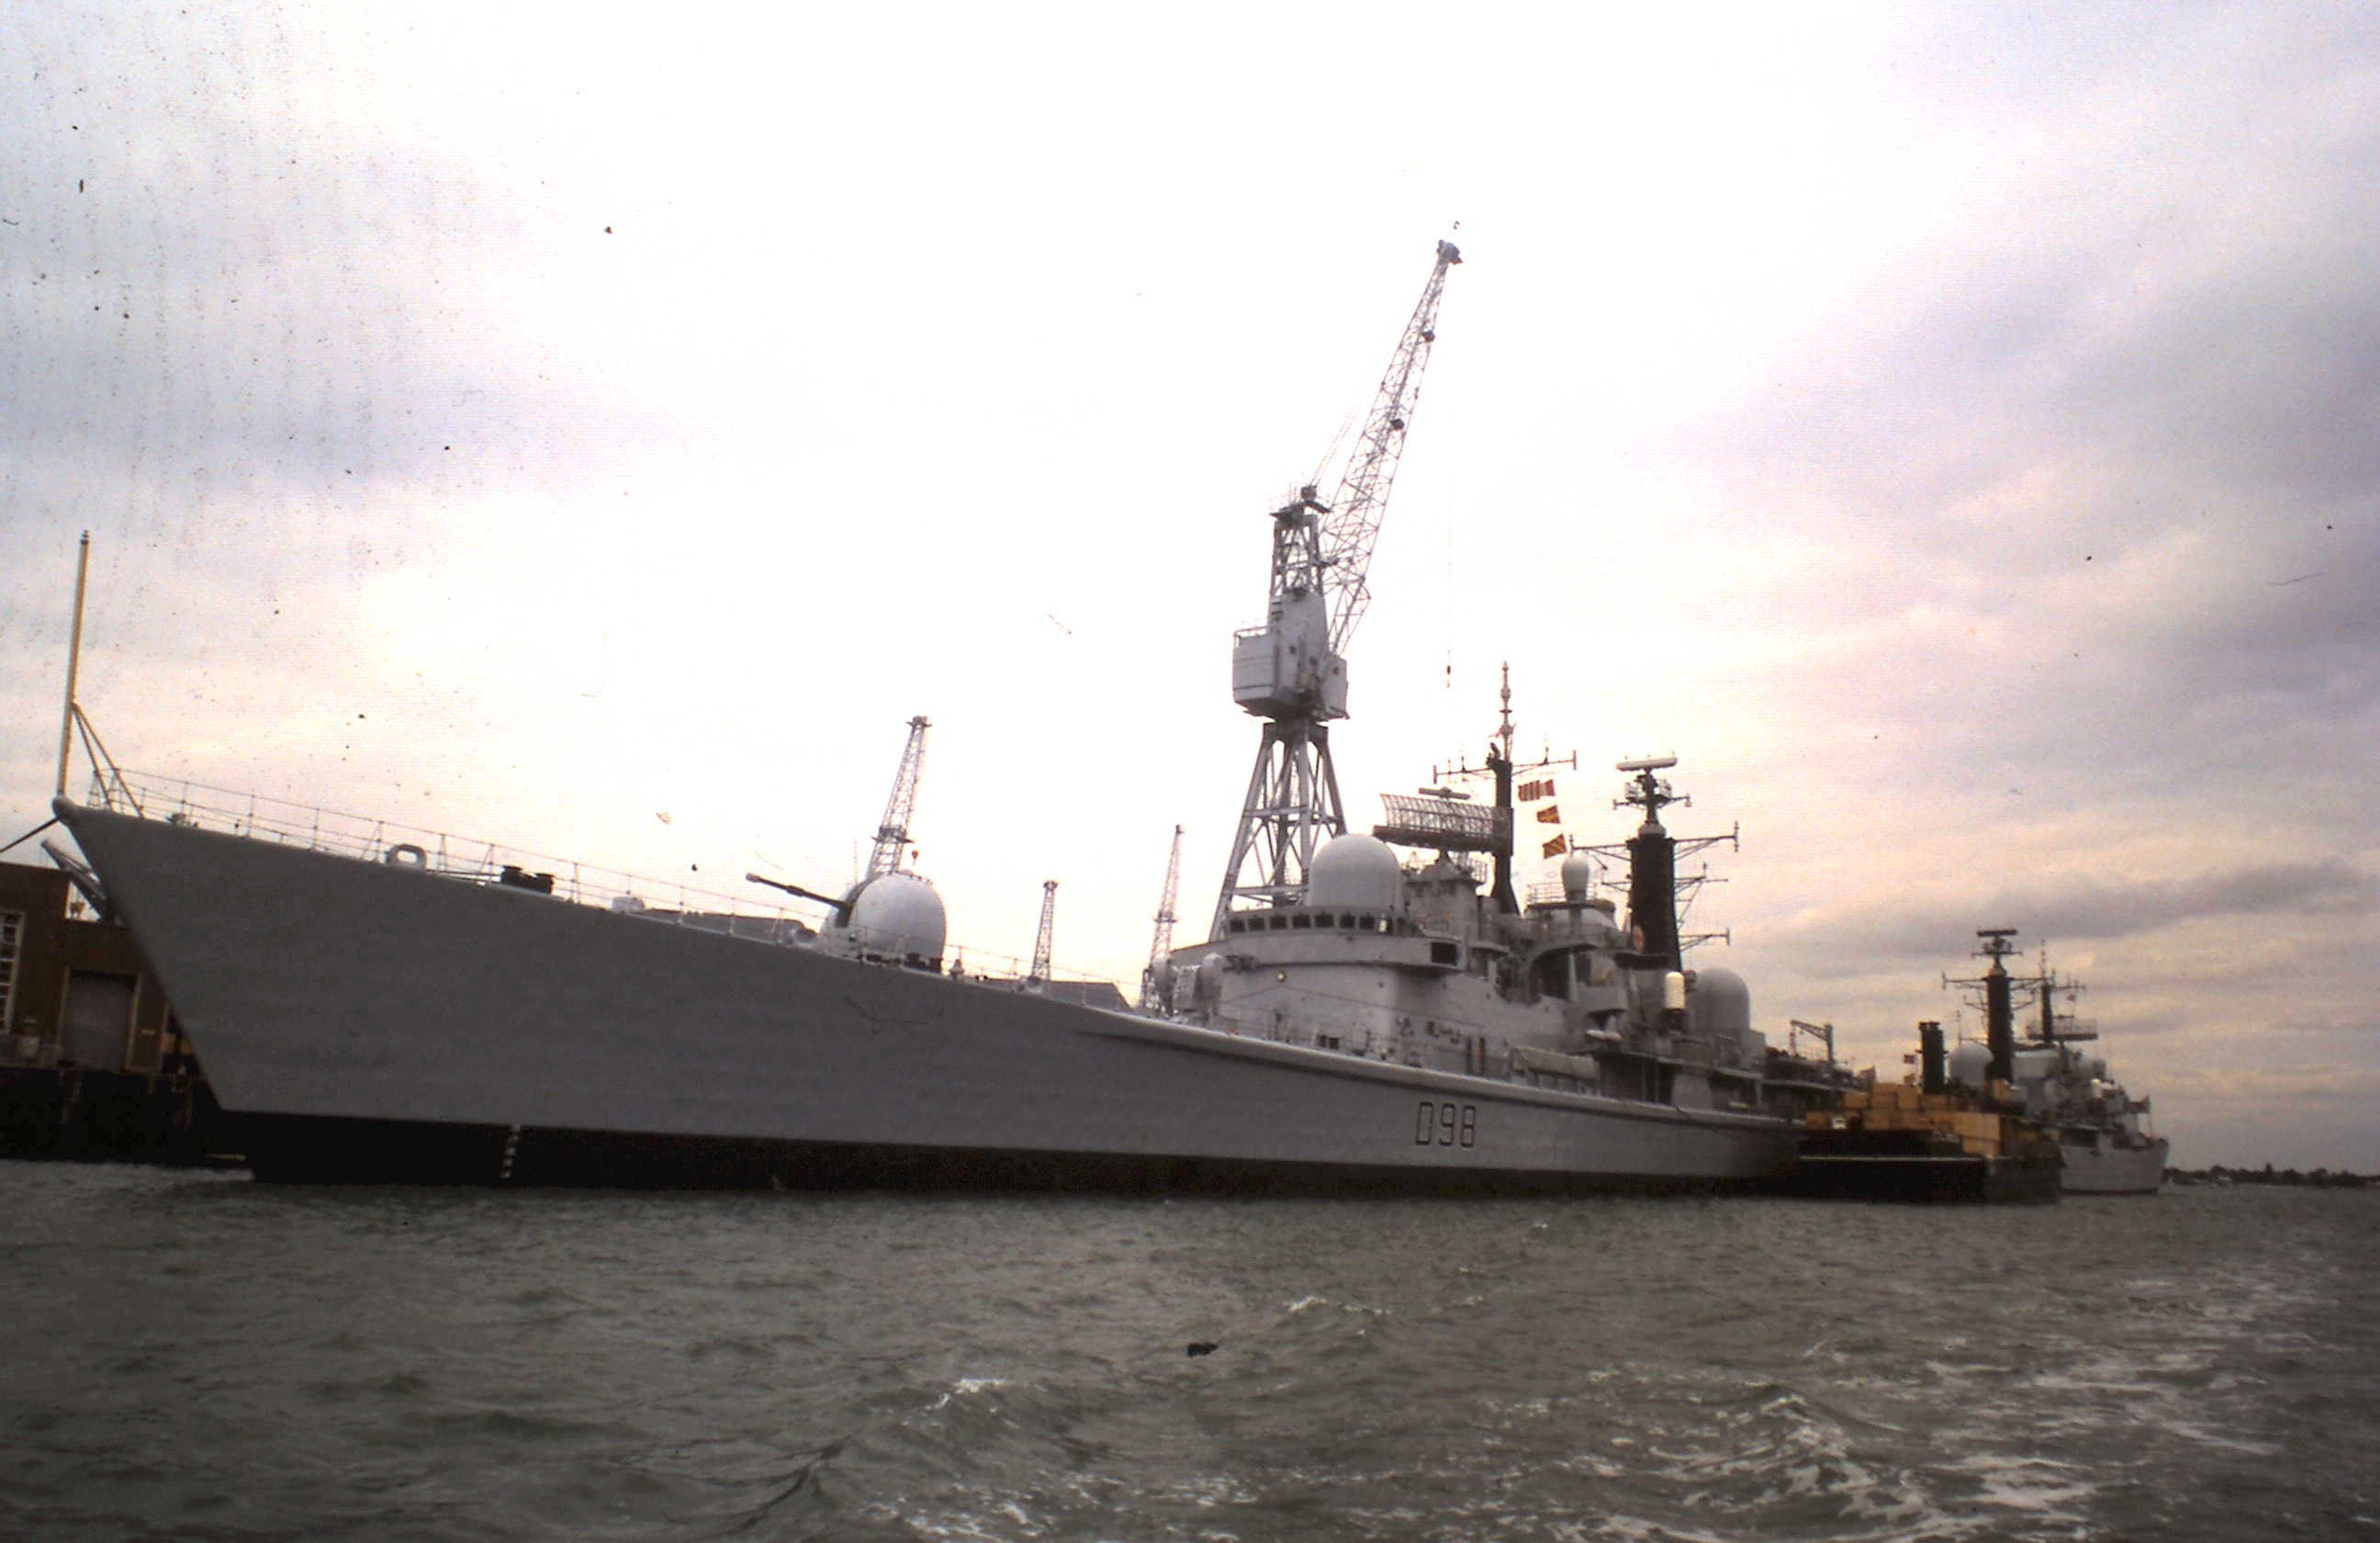 1975 1995-08-15 Portsmouth Fregatte